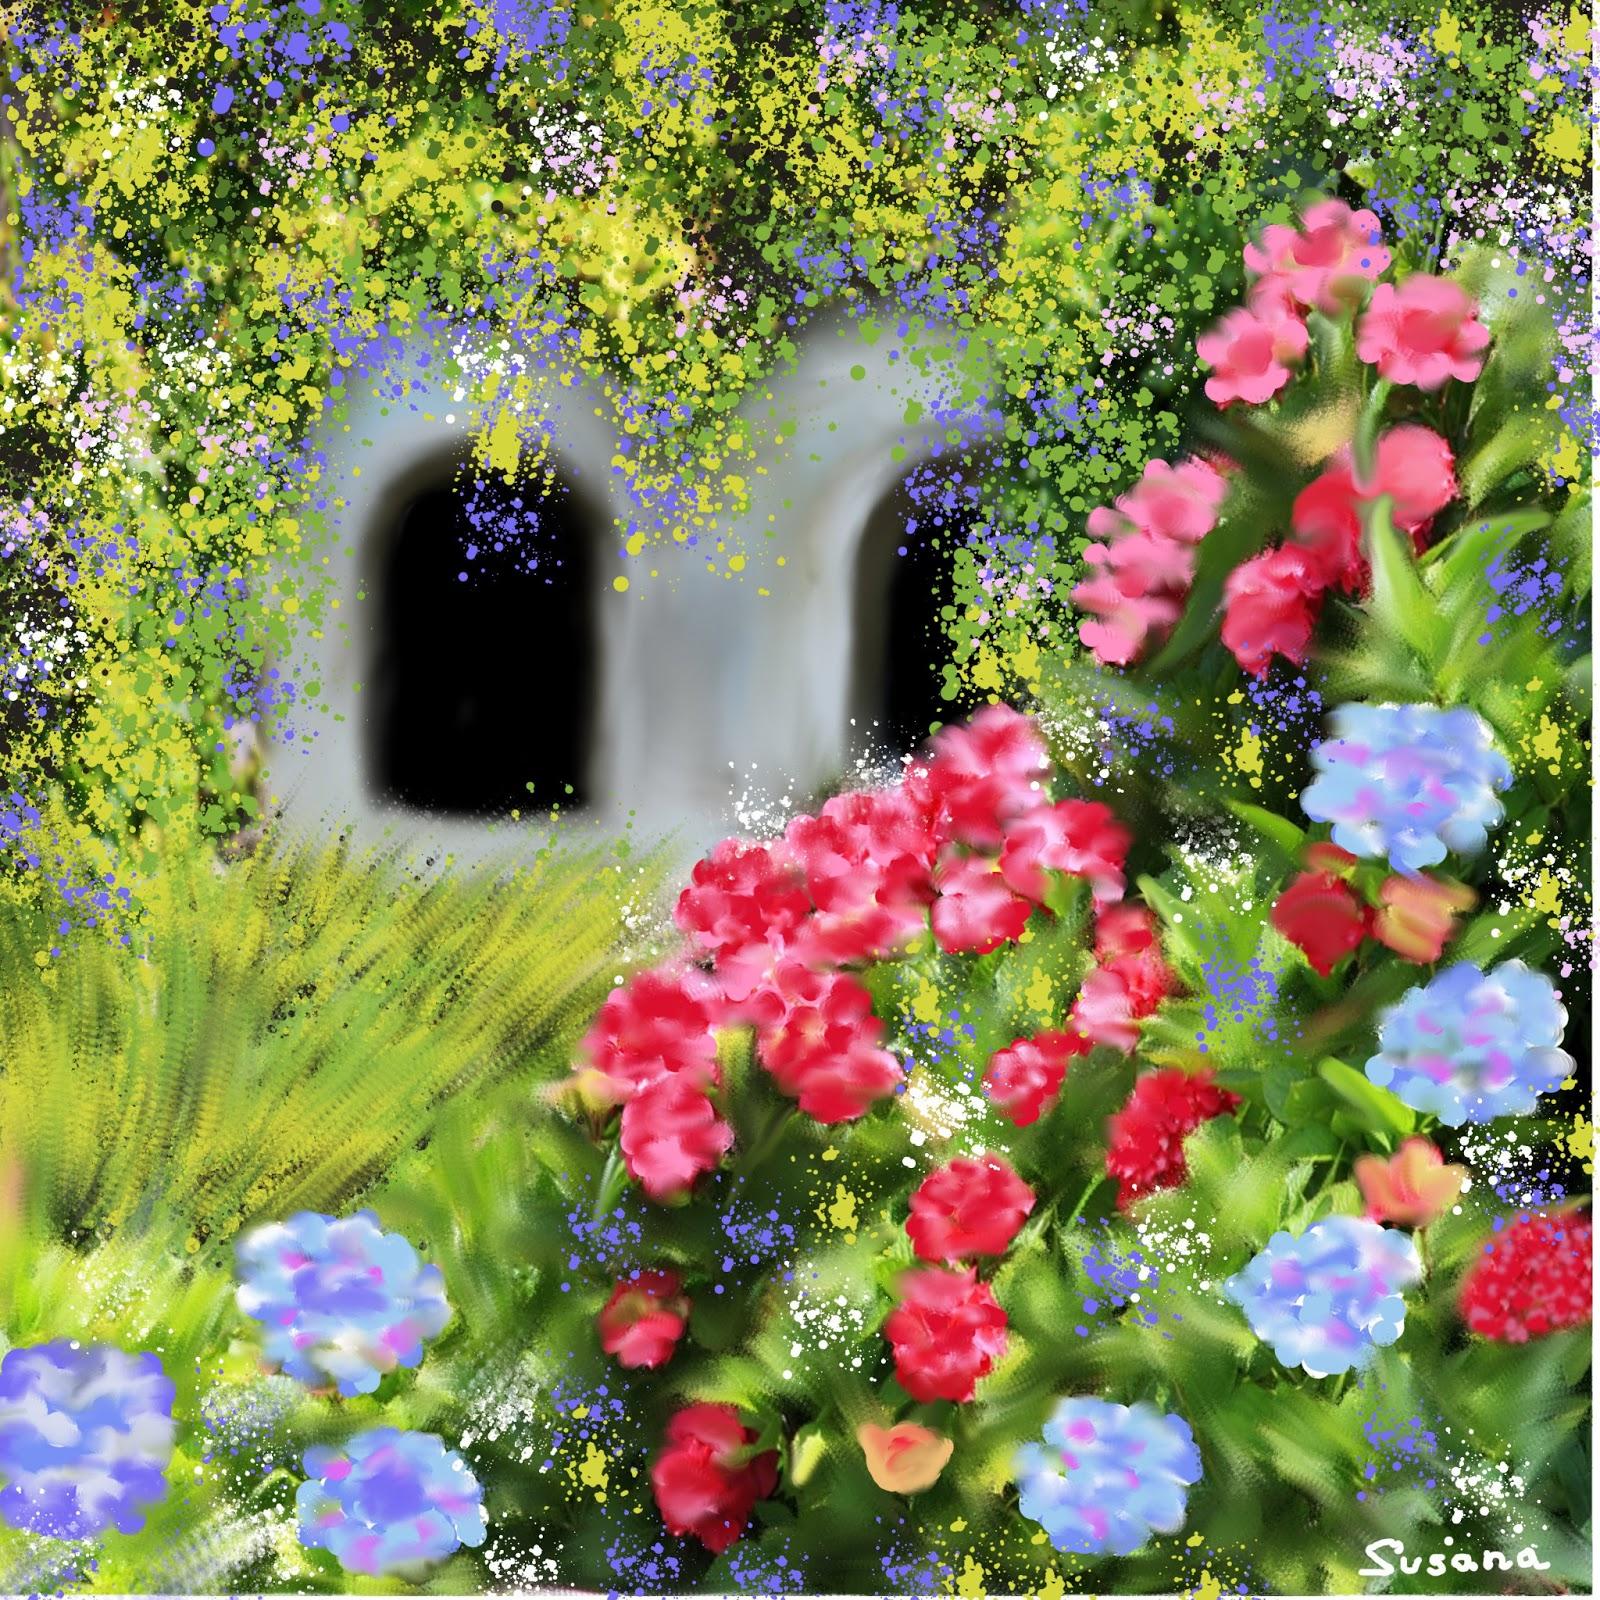 arte susana paisajes florales y ramos de flores